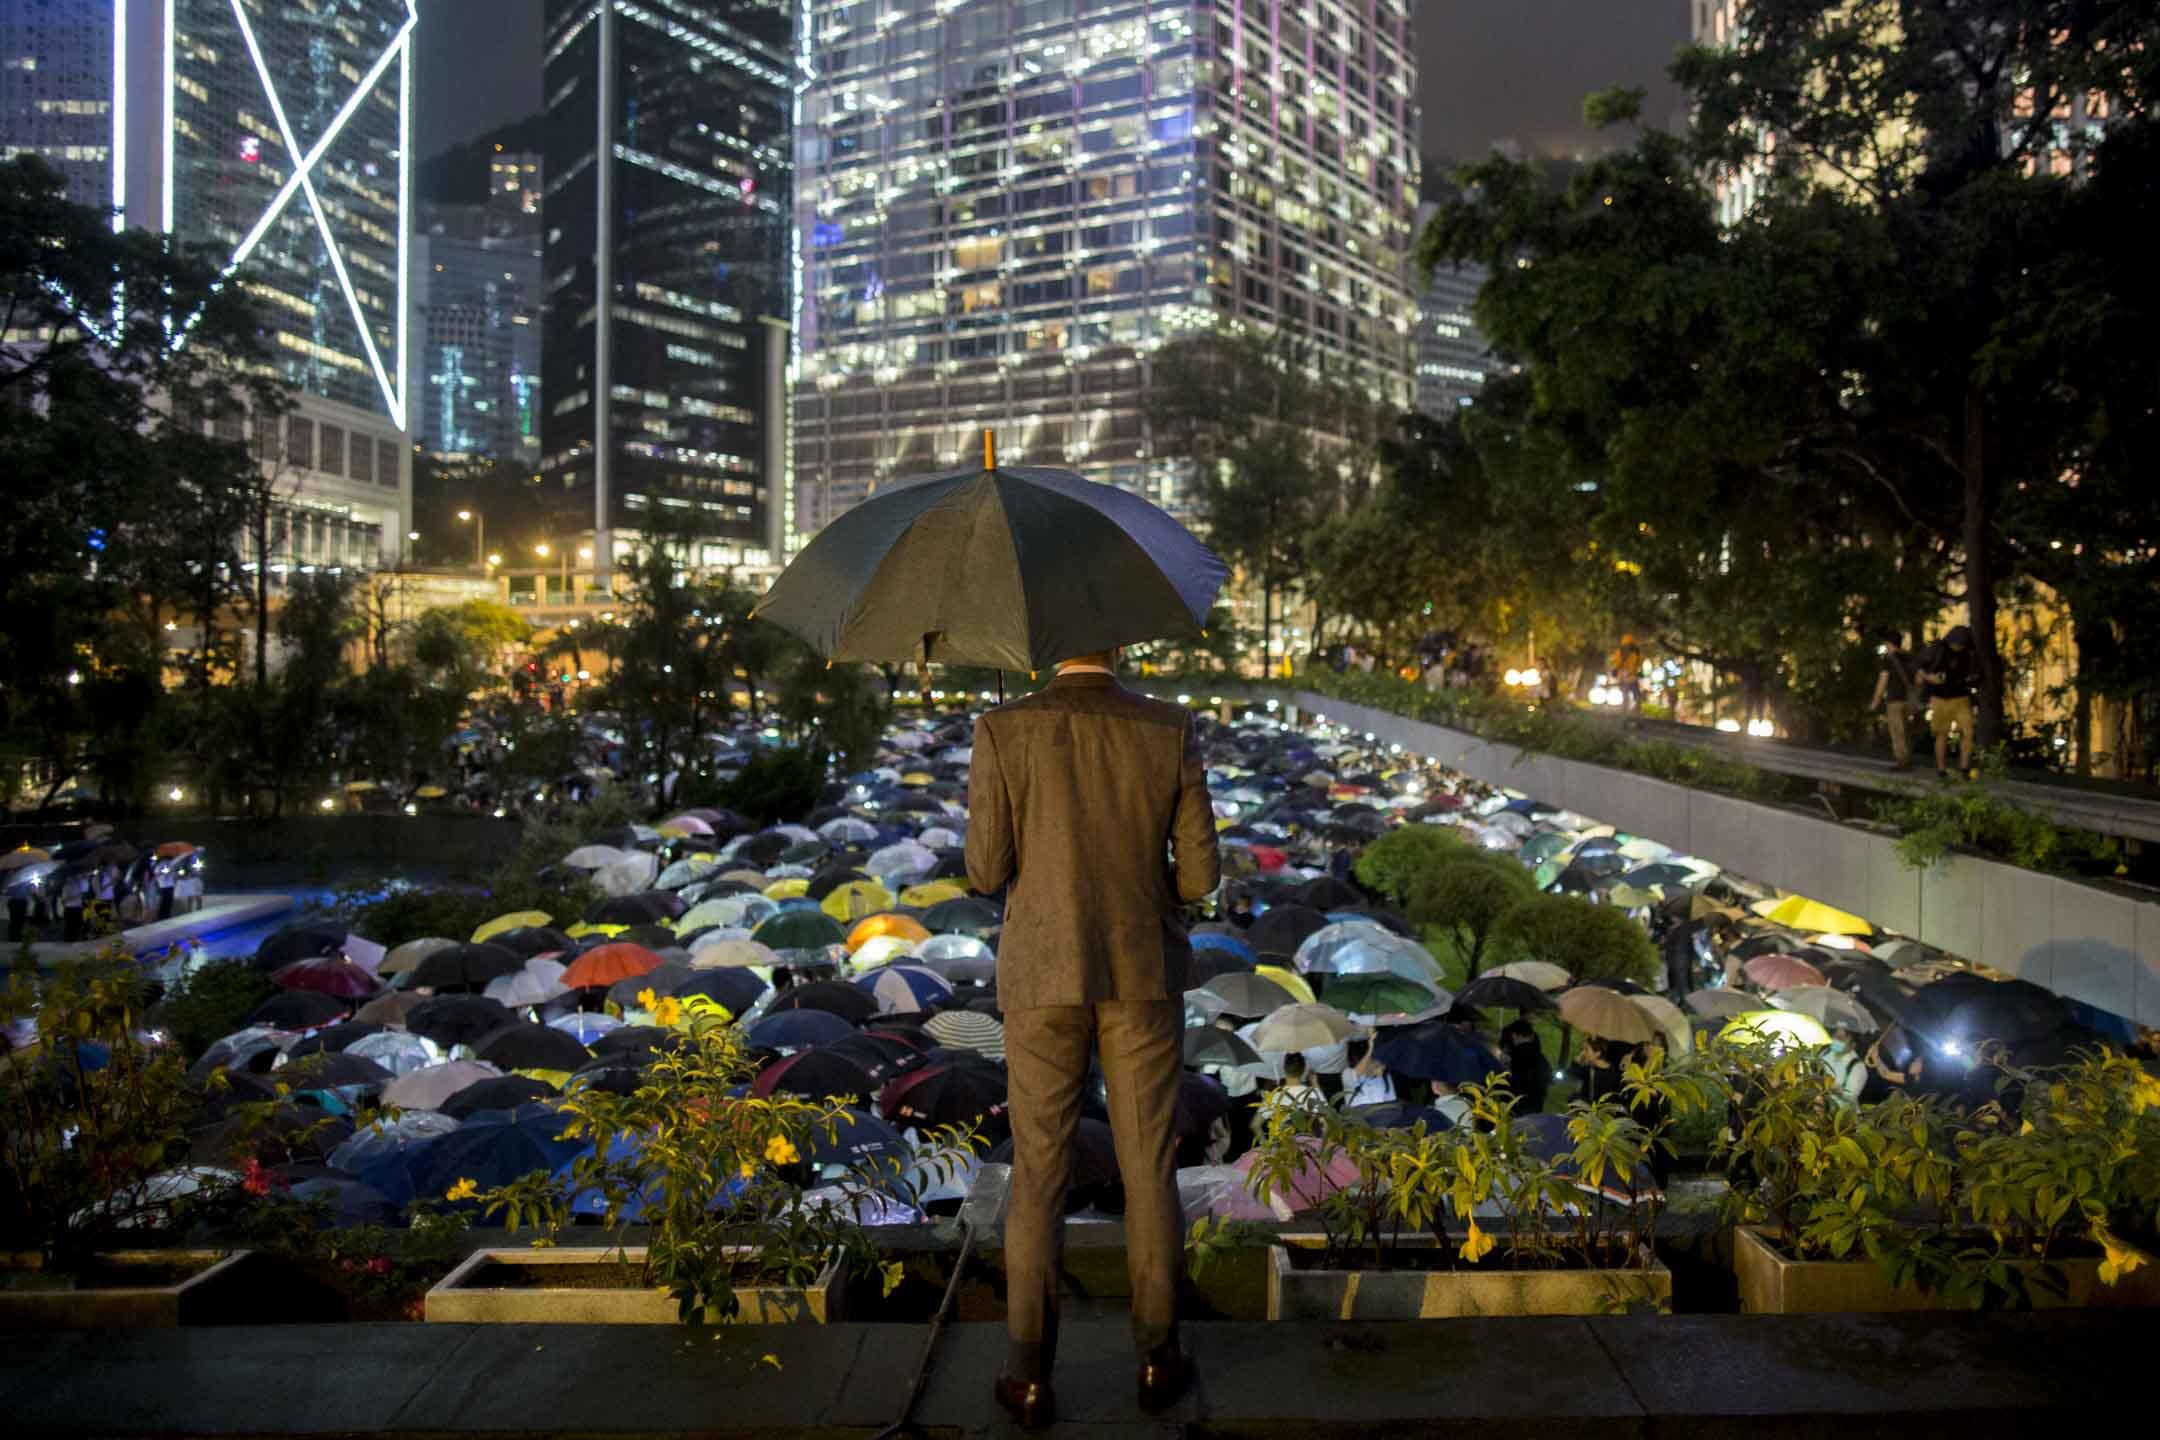 2019年8月1日,有金融界從業員響應網上號召,在中環遮打花園舉行「快閃」示威,抗議《逃犯條例》修訂,參加者站滿整個遮打花園。 攝:林振東/端傳媒